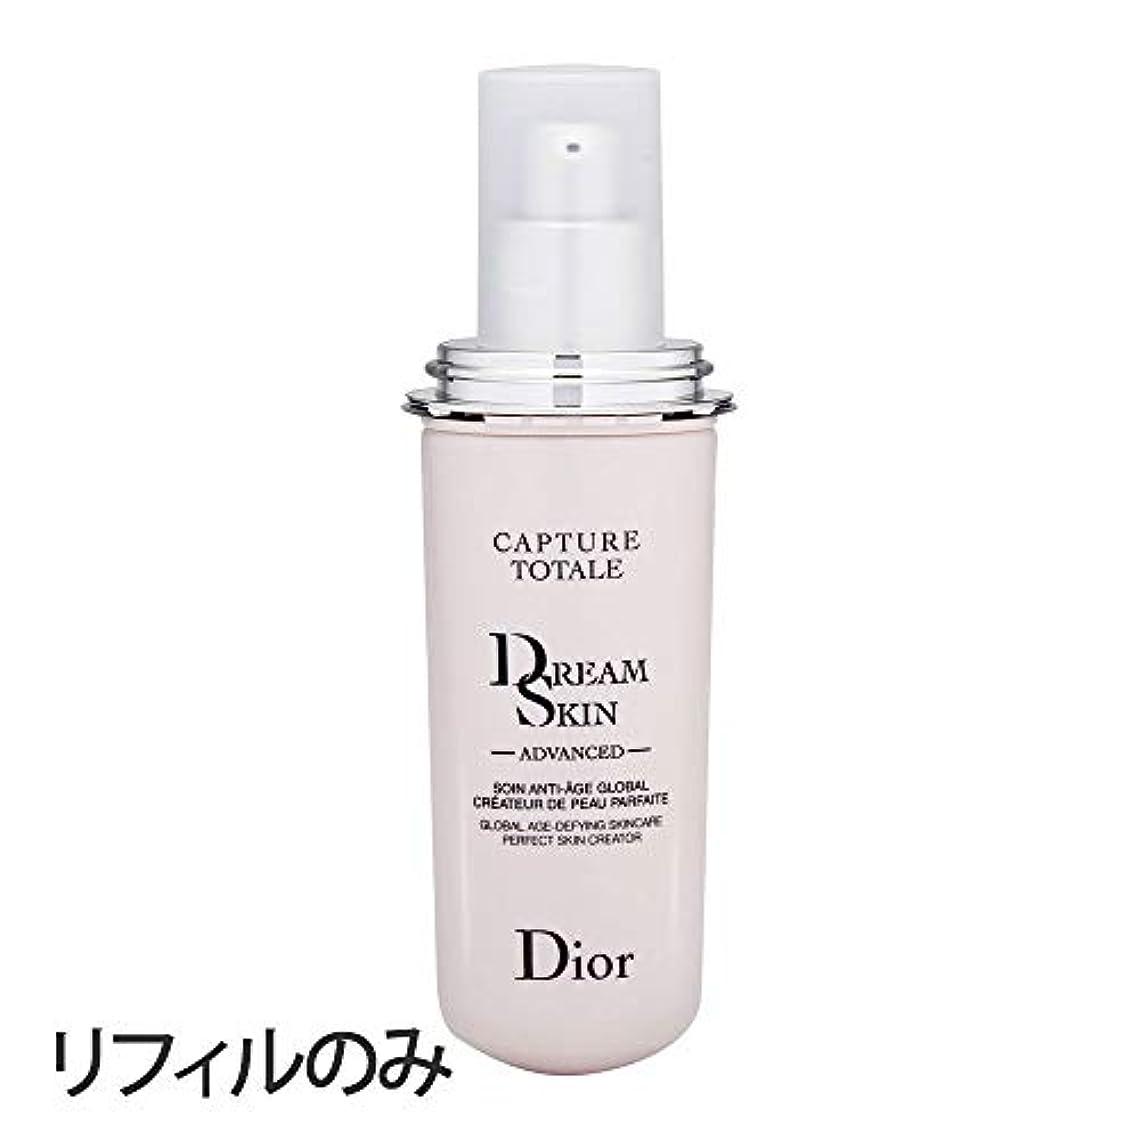 ディオール(Dior) 【リフィル】カプチュール トータル ドリーム スキン アドバンスト 50ml [並行輸入品]